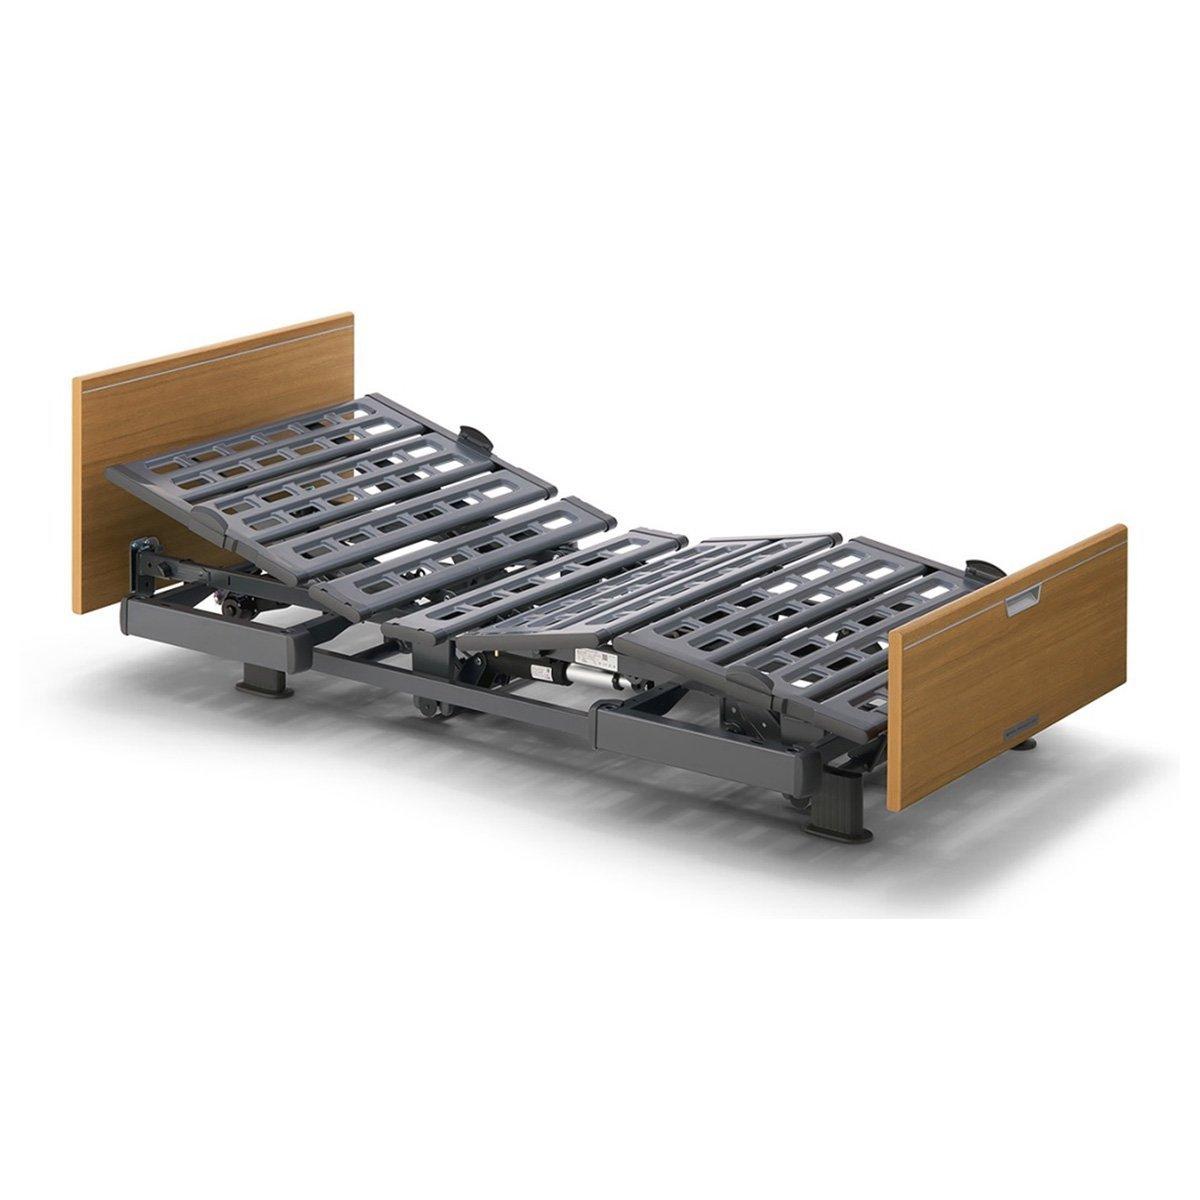 パラマウントベッド 介護ベッド Q-AURA(クオラ)3モーター 91cm幅 電動ベッド レギュラー KQ-63330 B06XKCTDXY レギュラーサイズ  レギュラーサイズ